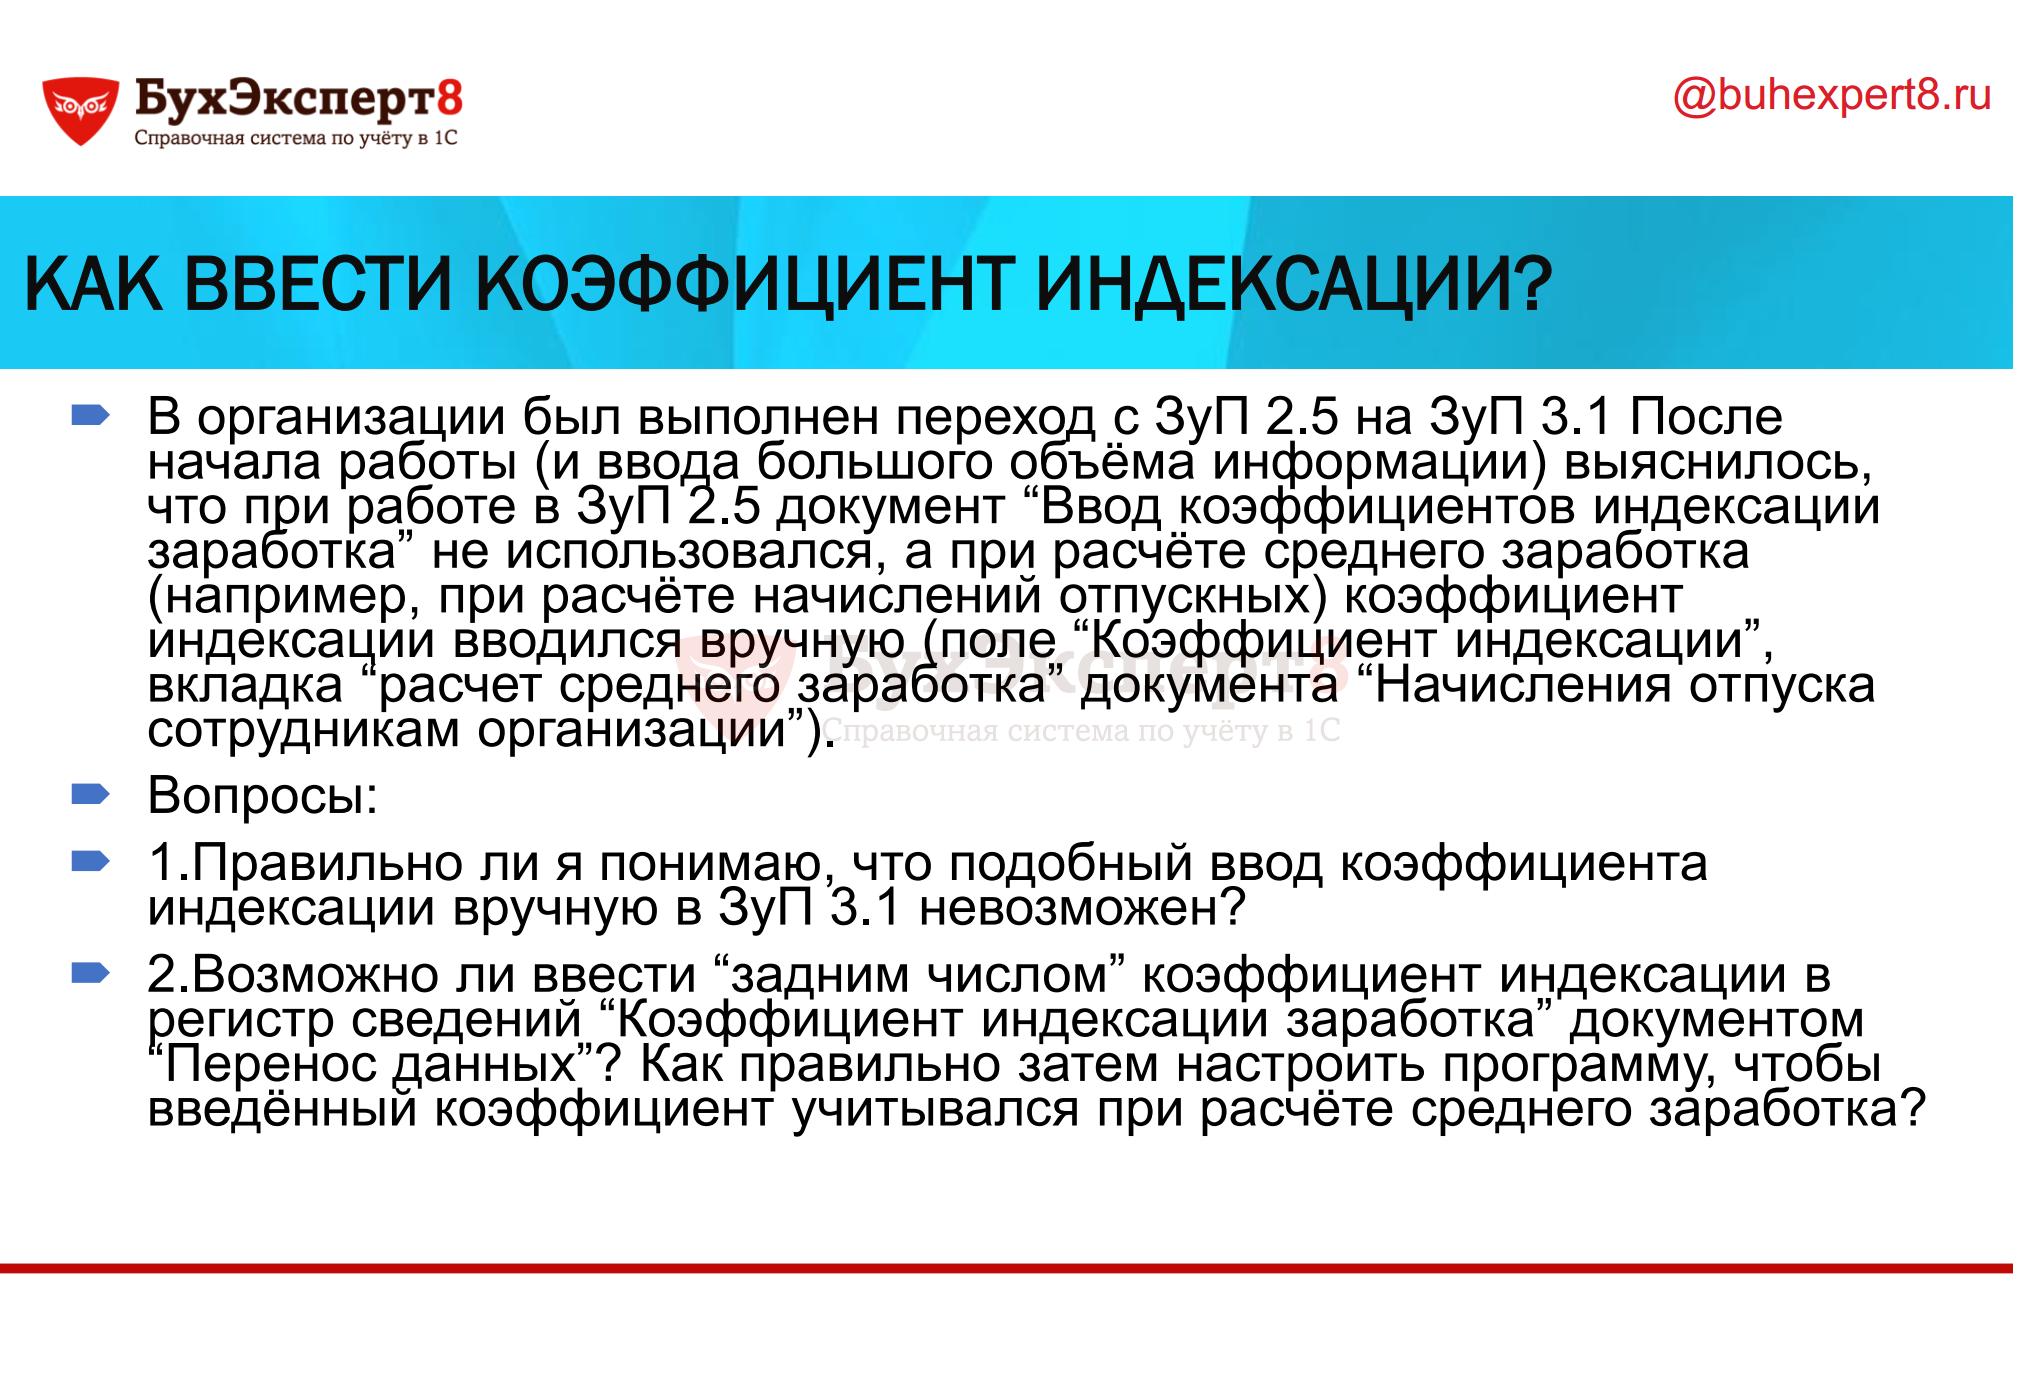 """КАК ВВЕСТИ КОЭФФИЦИЕНТ ИНДЕКСАЦИИ? В организации был выполнен переход с ЗуП 2.5 на ЗуП 3.1 После начала работы (и ввода большого объёма информации) выяснилось, что при работе в ЗуП 2.5 документ """"Ввод коэффициентов индексации заработка"""" не использовался, а при расчёте среднего заработка (например, при расчёте начислений отпускных) коэффициент индексации вводился вручную (поле """"Коэффициент индексации"""", вкладка """"расчет среднего заработка"""" документа """"Начисления отпуска сотрудникам организации""""). Вопросы: 1.Правильно ли я понимаю, что подобный ввод коэффициента индексации вручную в ЗуП 3.1 невозможен? 2.Возможно ли ввести """"задним числом"""" коэффициент индексации в регистр сведений """"Коэффициент индексации заработка"""" документом """"Перенос данных""""? Как правильно затем настроить программу, чтобы введённый коэффициент учитывался при расчёте среднего заработка?"""